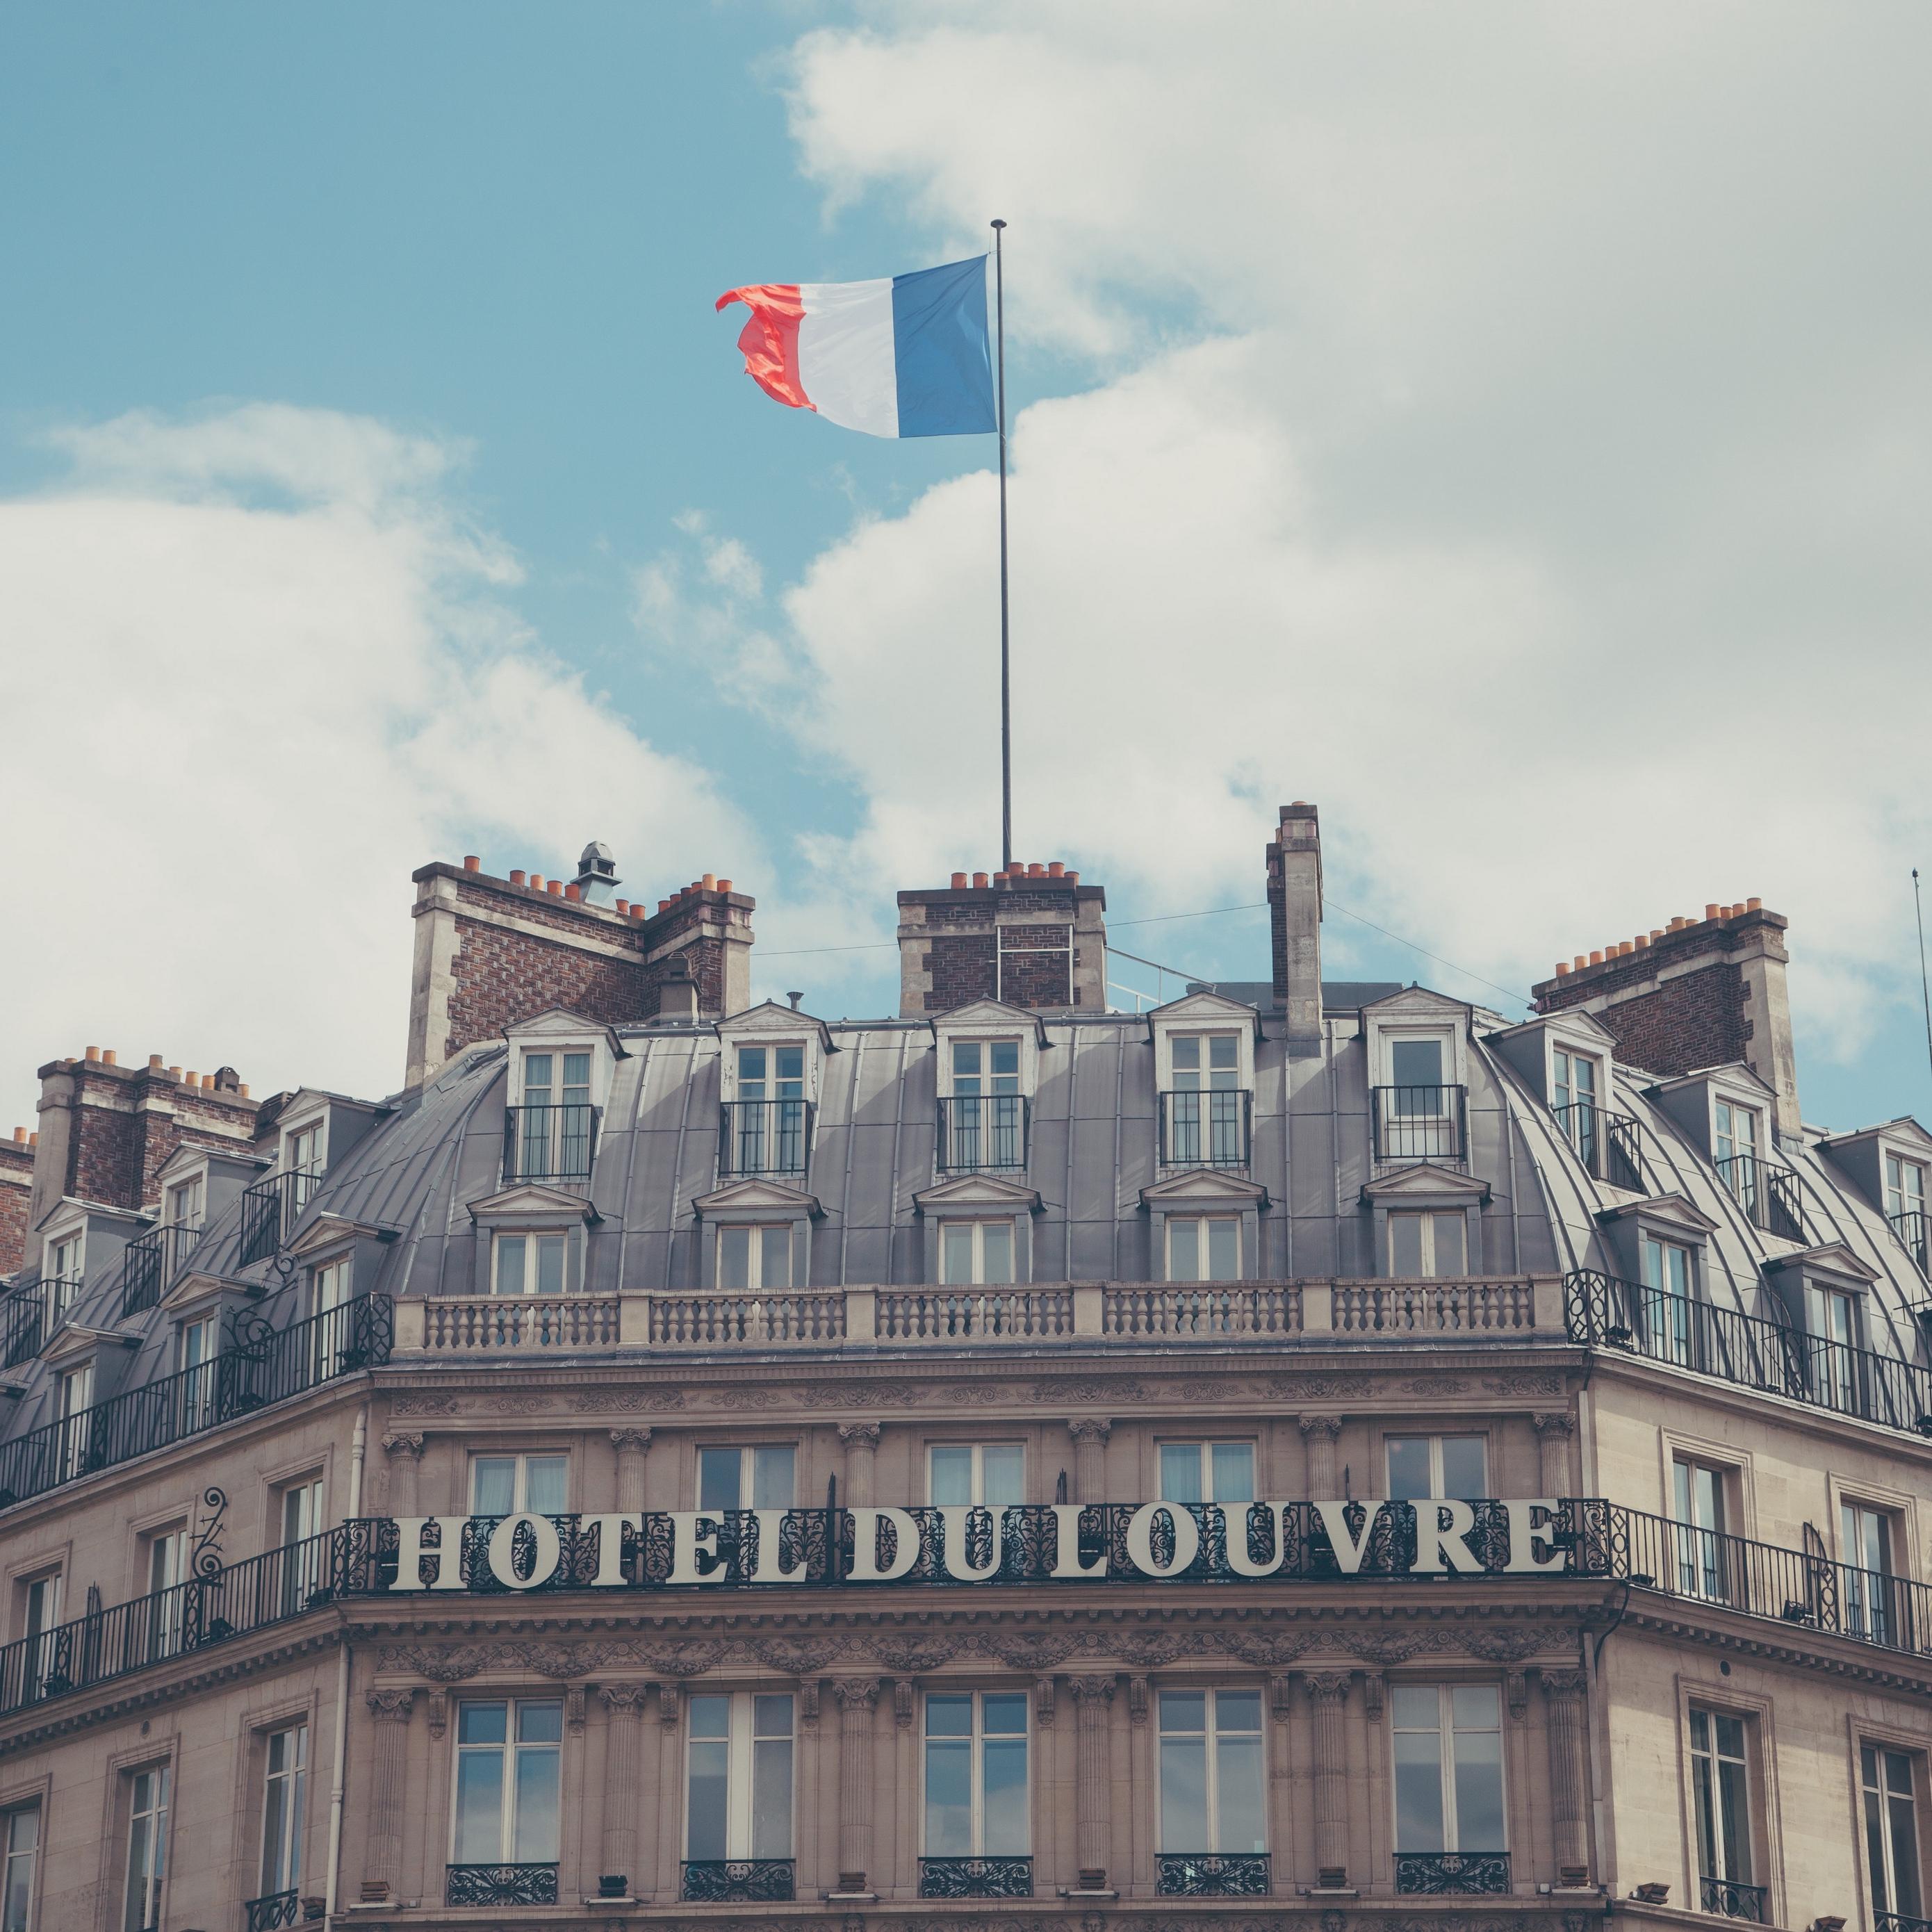 Download wallpaper 2780x2780 paris france hotel hotel du louvre 2780x2780